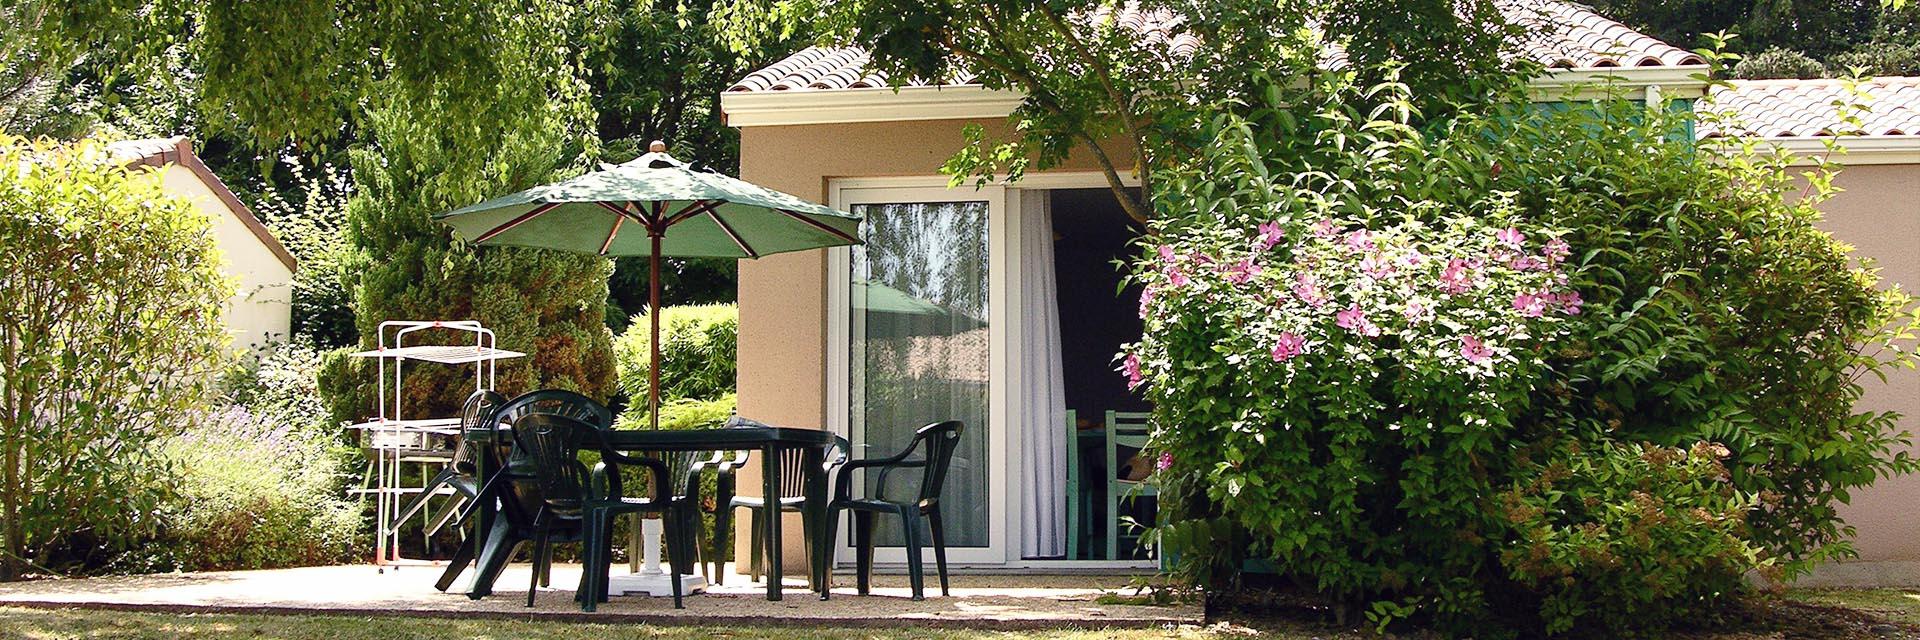 Village_club_vacances_provence-et-vercors-le-souffle-vert-gite